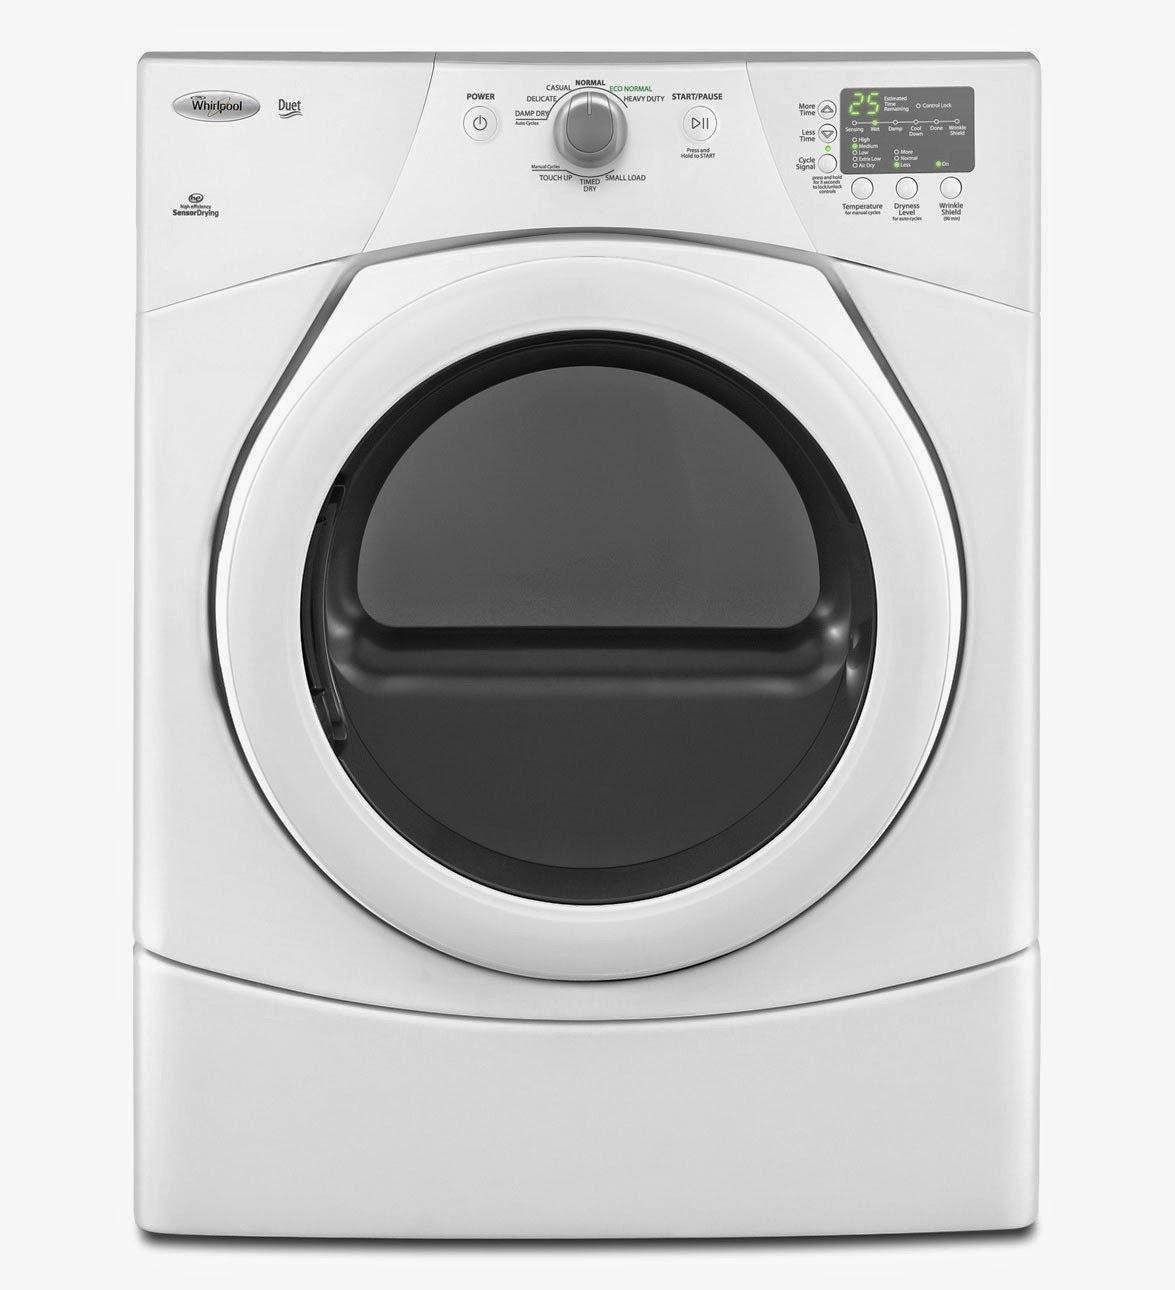 duet washer